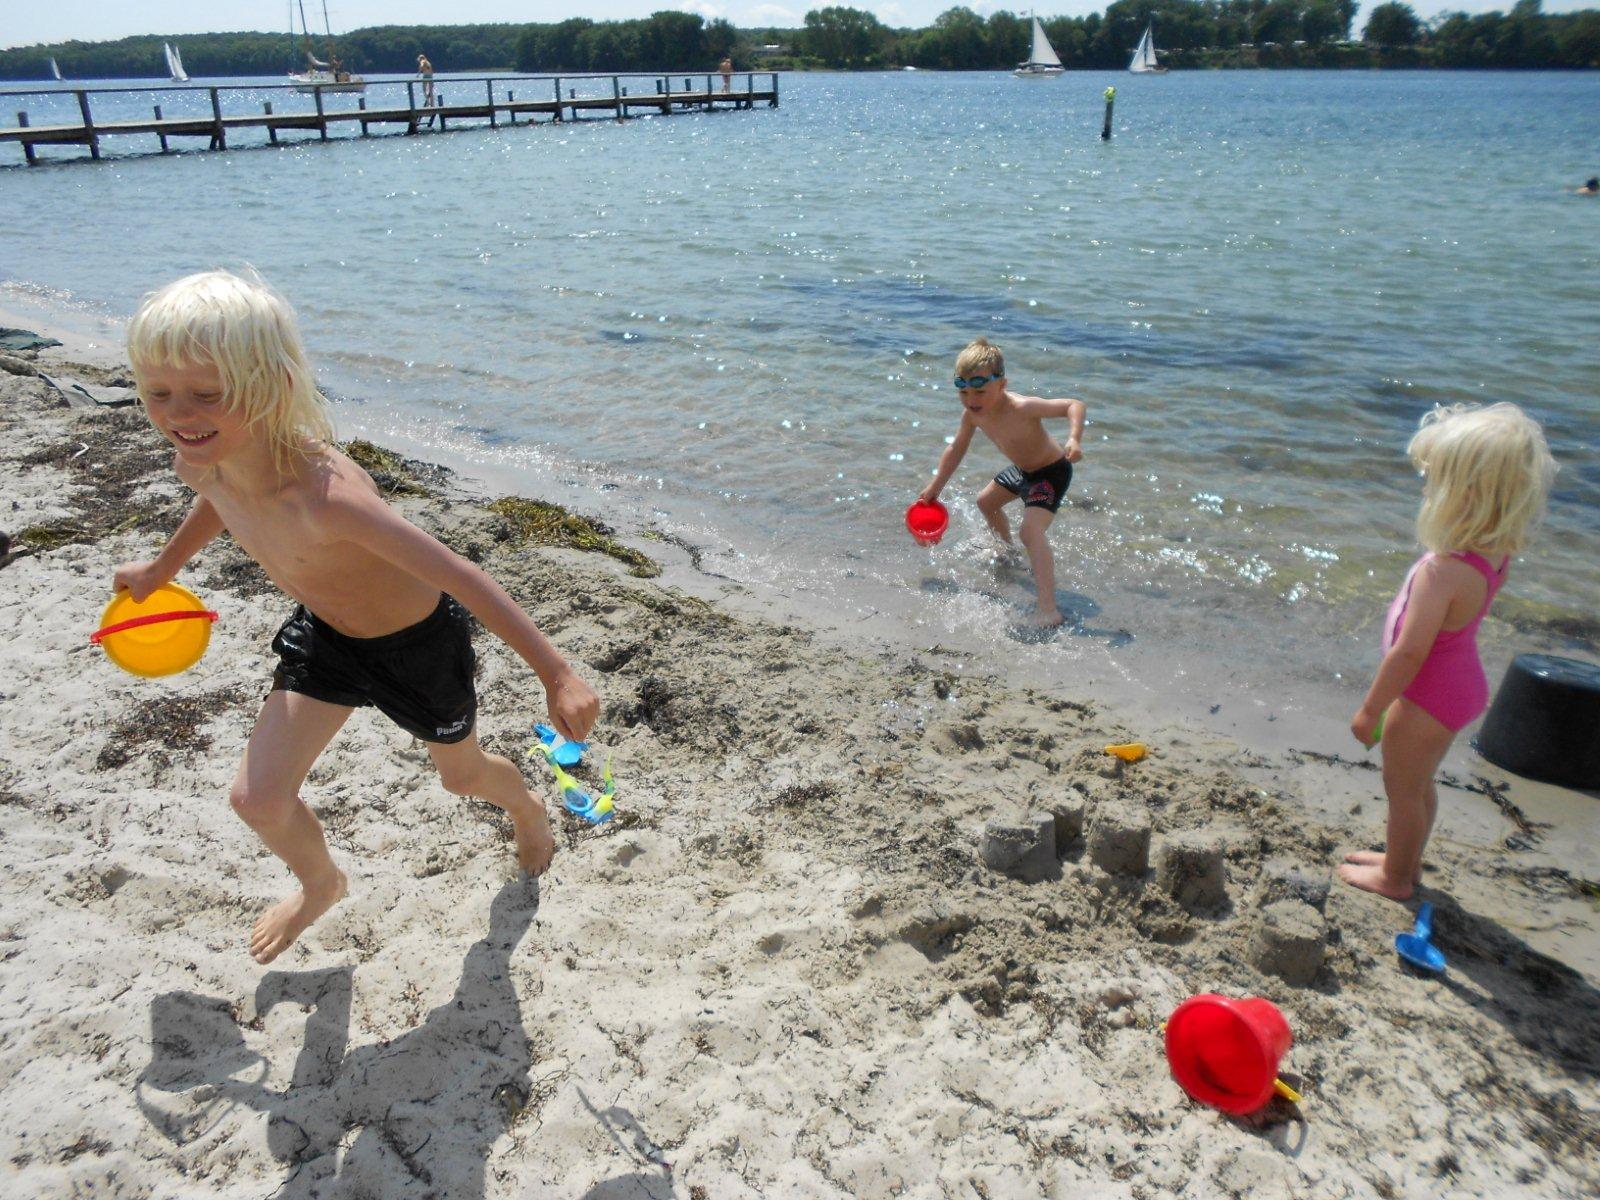 Ofelia Beach - Nokken - Ungerne og jylland 2011-07-11 013